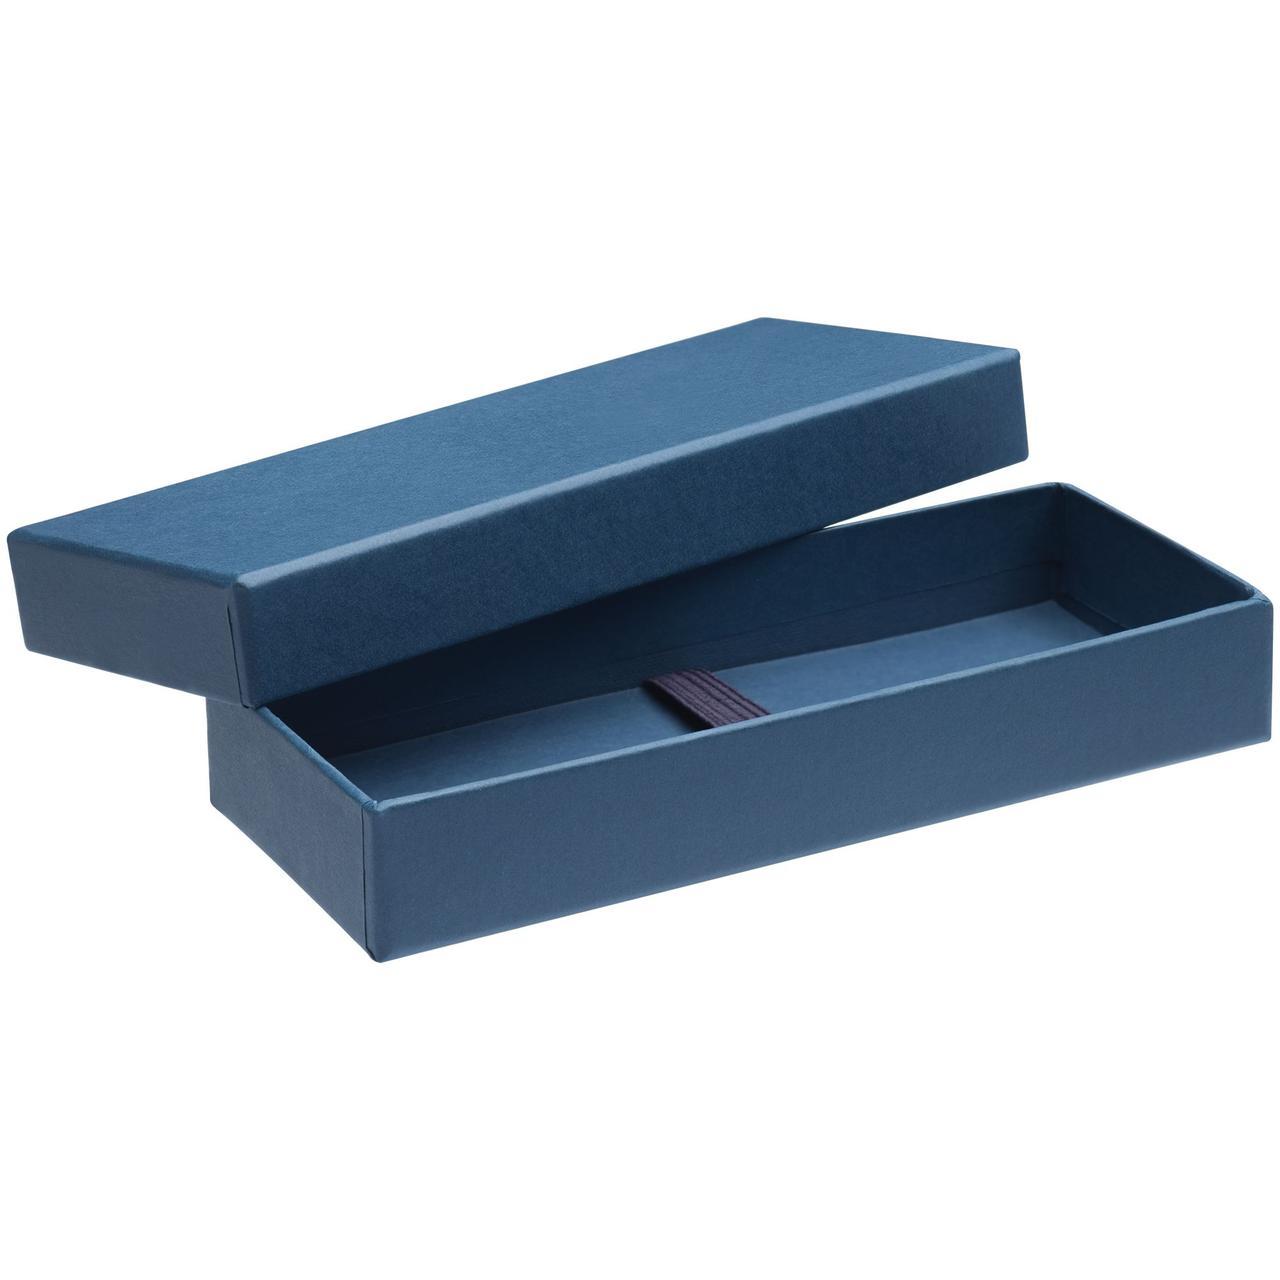 Коробка Tackle, синяя (артикул 7956.40)